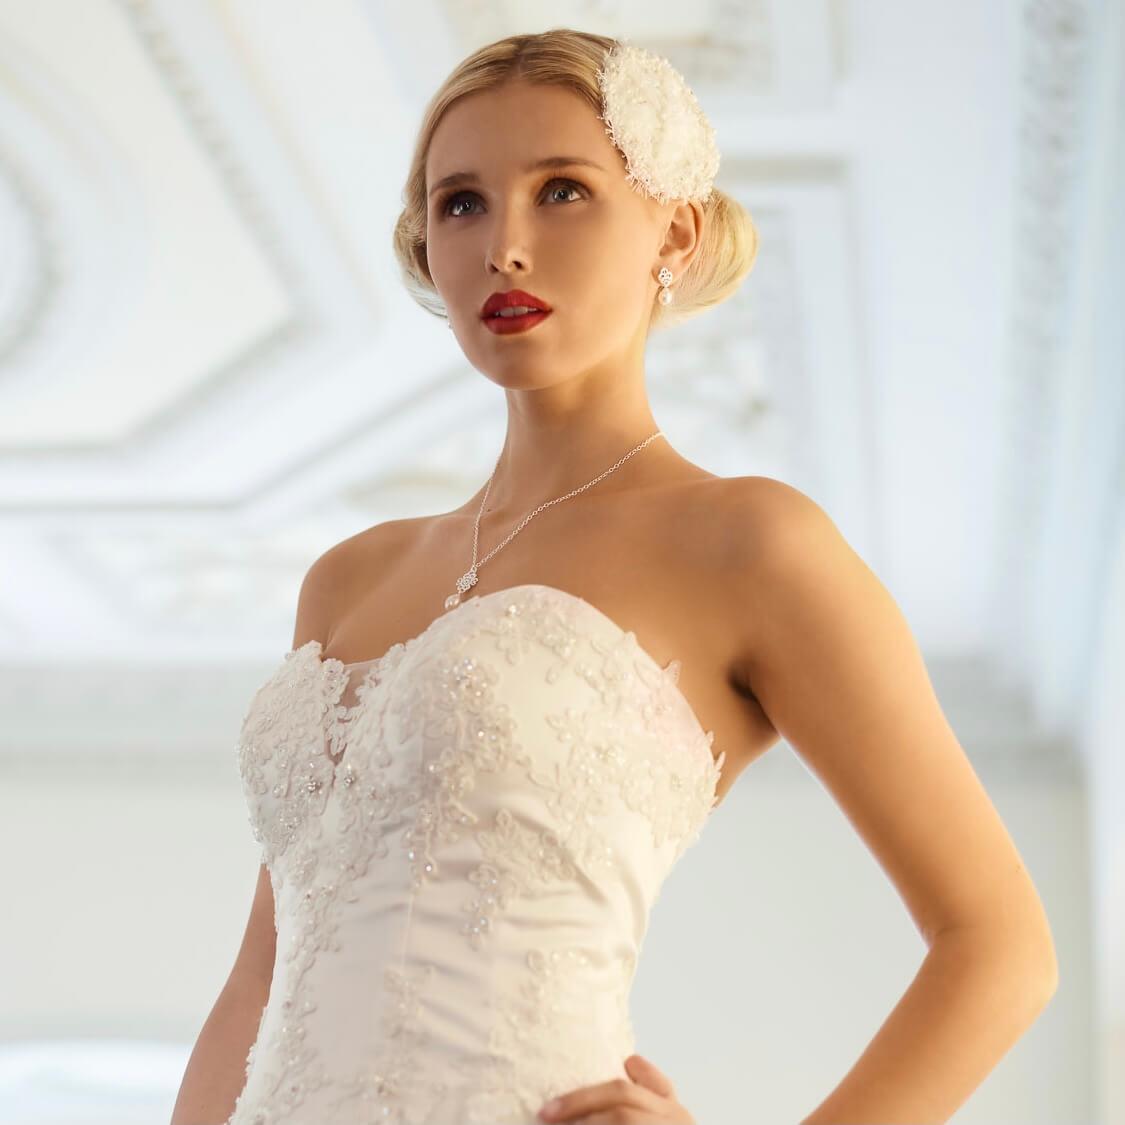 Modell im Brautkleid im 20er Jahre Look